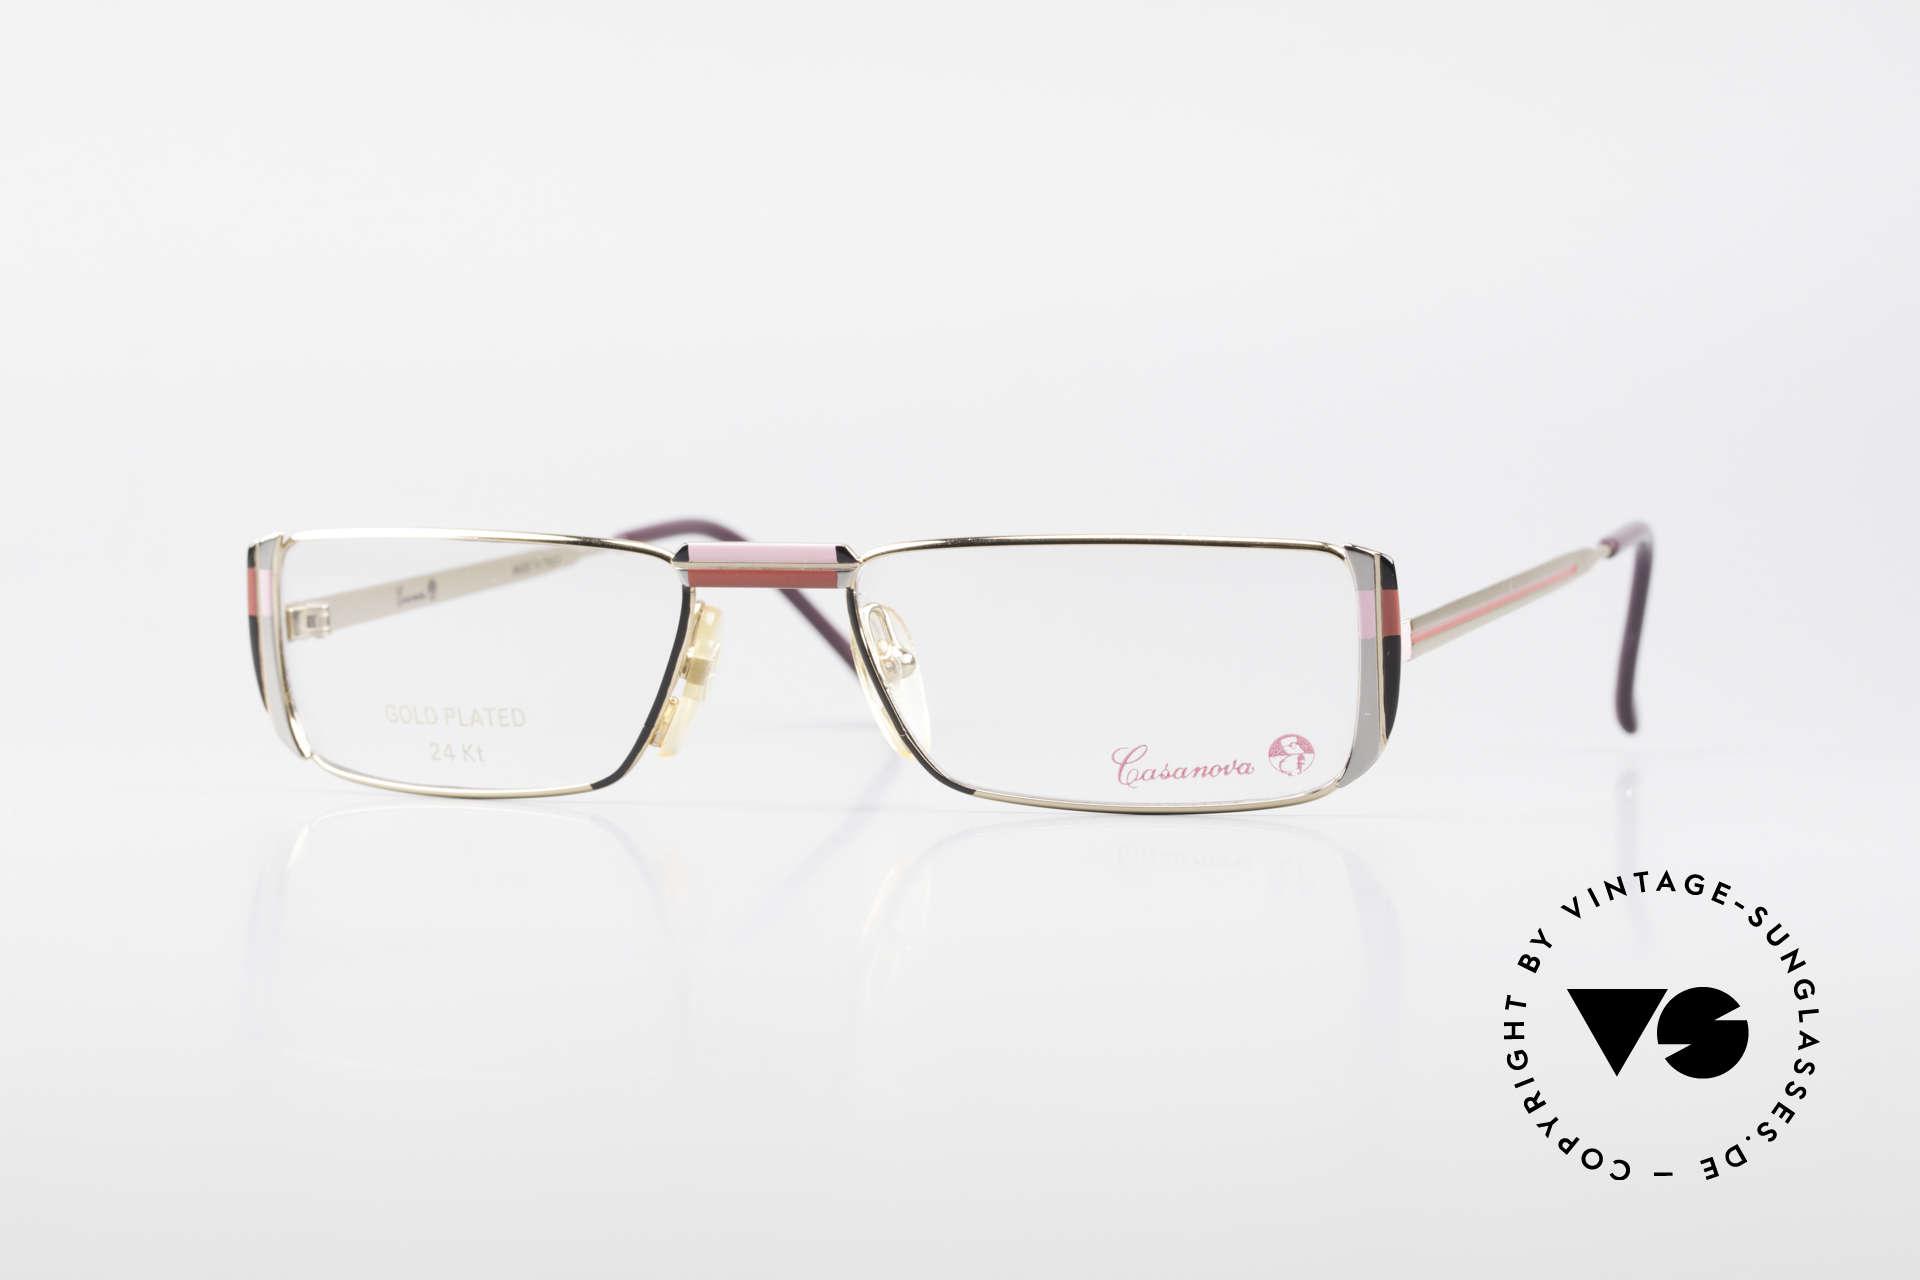 Casanova NM3 Gold Plated Reading Glasses, striking vintage 1980's Casanova reading eyeglasses, Made for Women